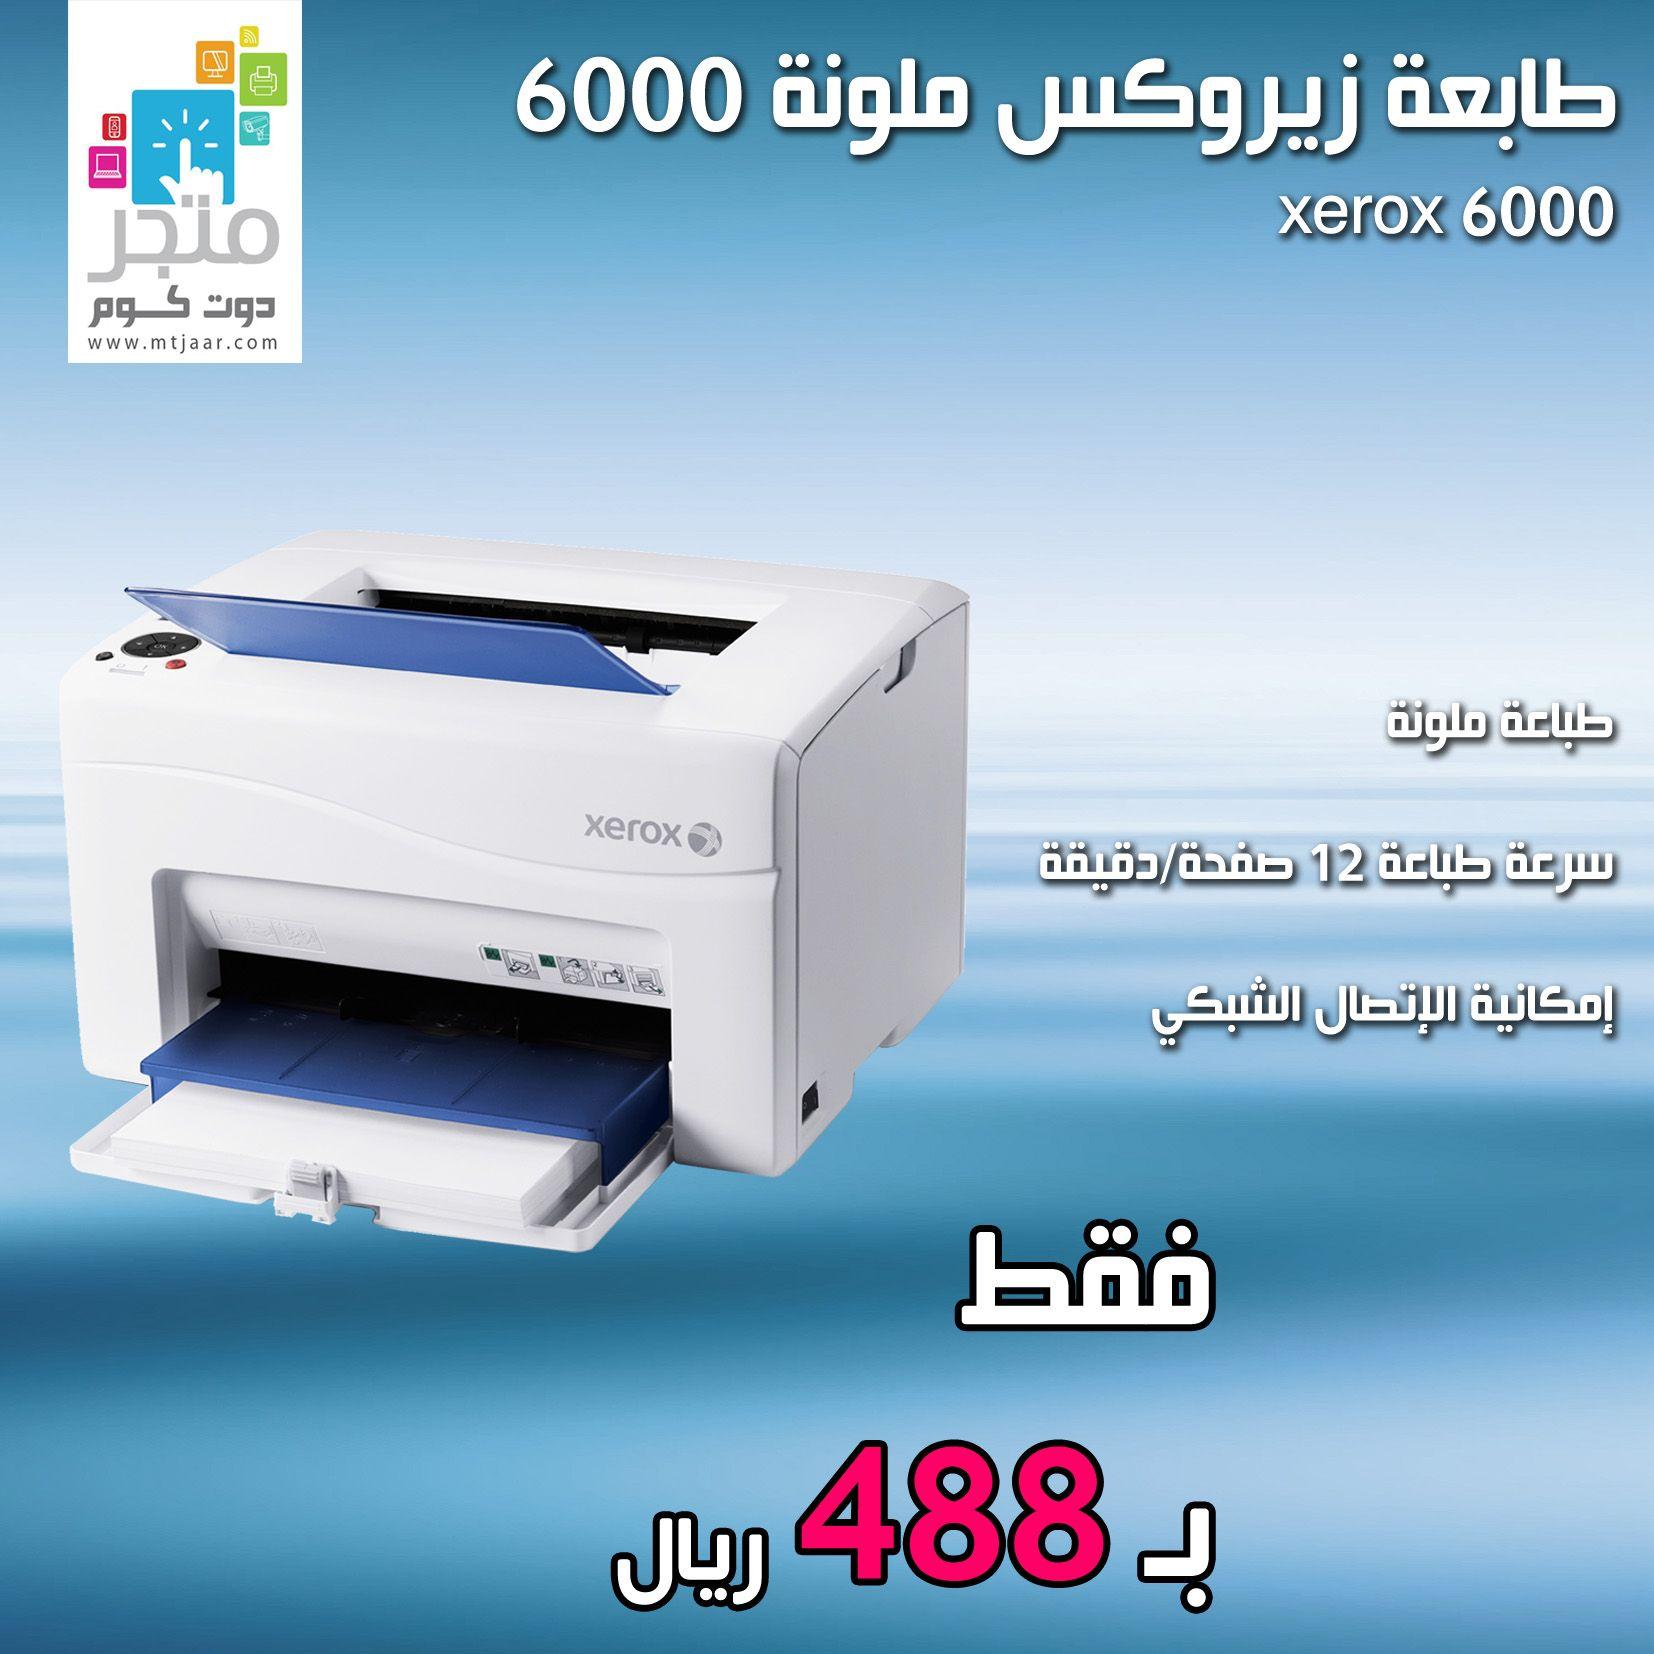 تزيد من إنتاجية العمل بتقنية الطباعة الليزرية بسعر اقتصادي وحجم صغير يمكن وضعه على المكتب طابعة Xerox 600 الليزرية الملونة اشتريها الآن دعم توصيل لكافة Bio